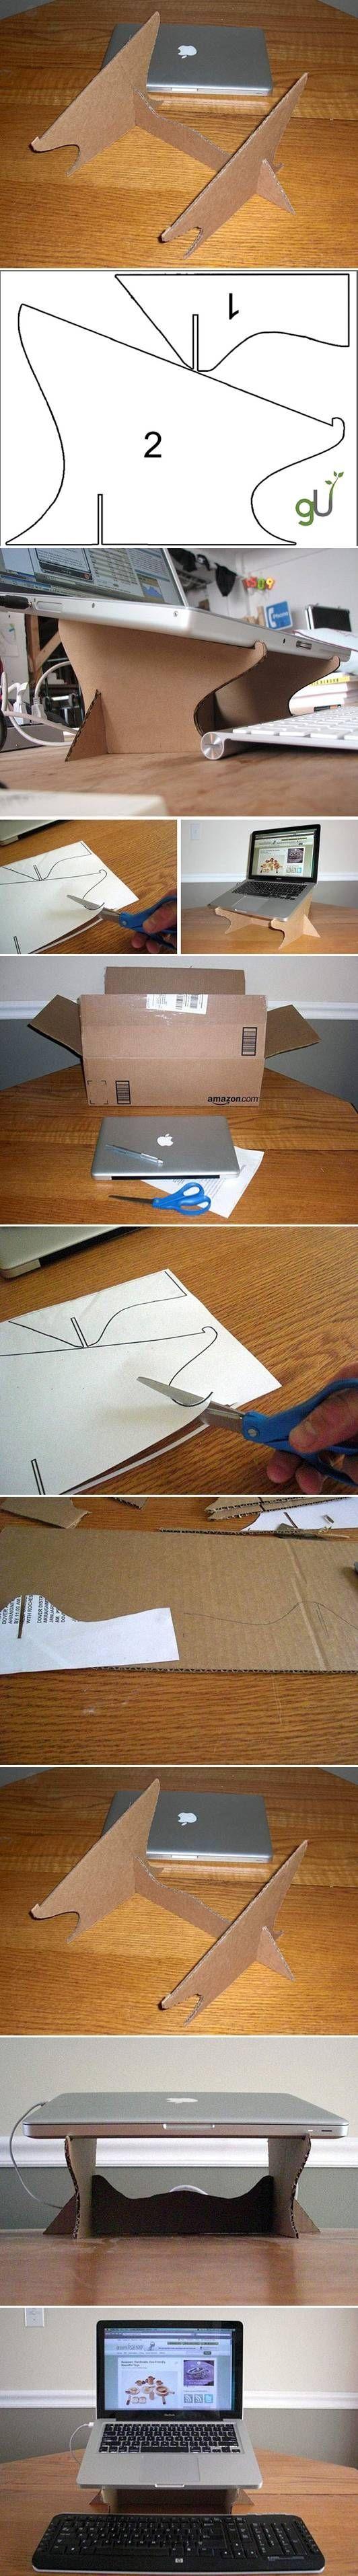 Soporte básico de cartón para ordenador portátil  -  Simple Cardboard Laptop Stand